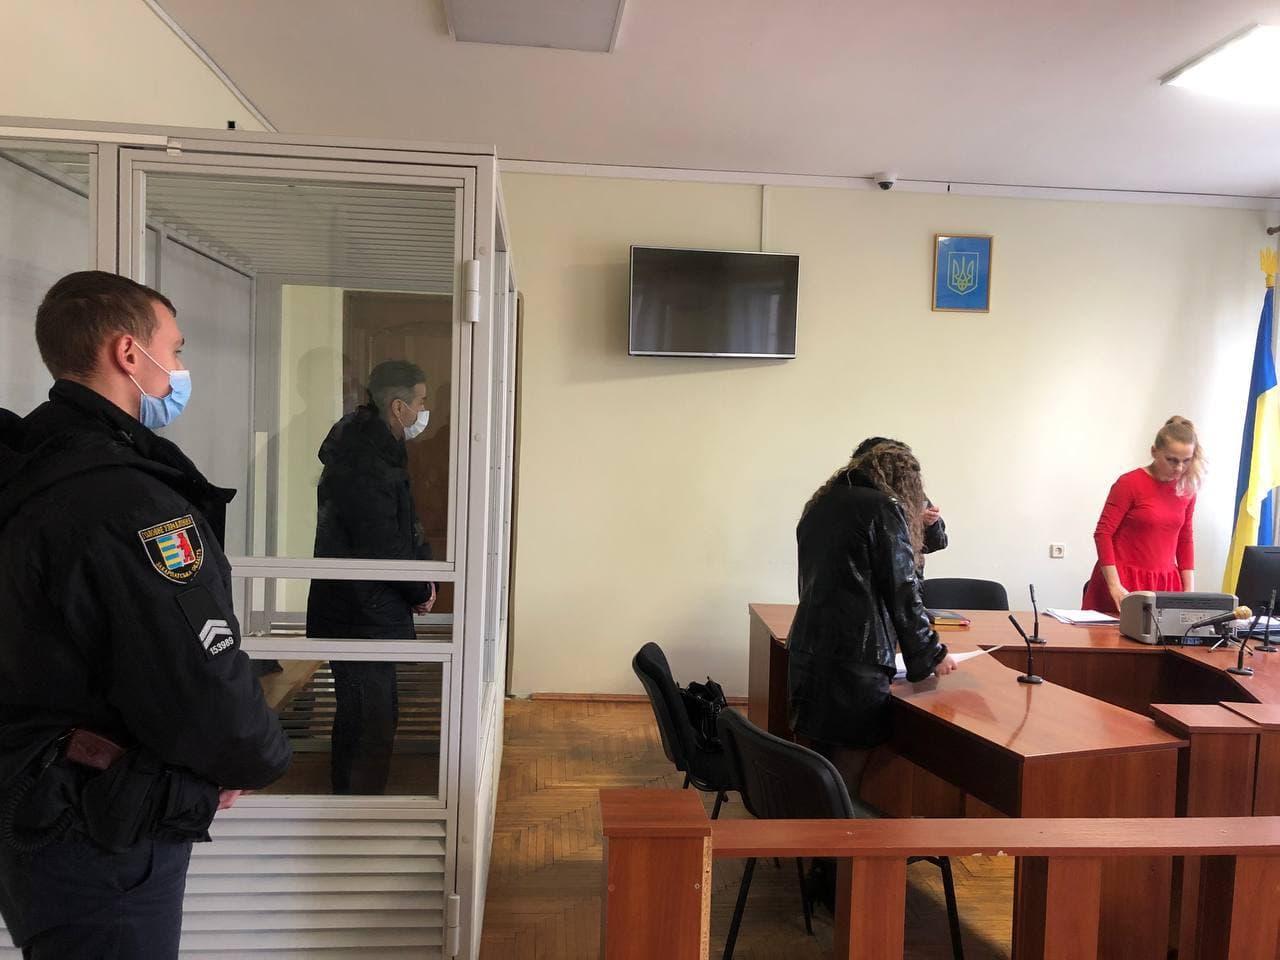 Тренеру із боксу, громадянину Казахстану Набіджану Артикову, днями оголосили підозру по частині 3 статті 156 Кримінального кодексу – насильство щодо неповнолітньої.